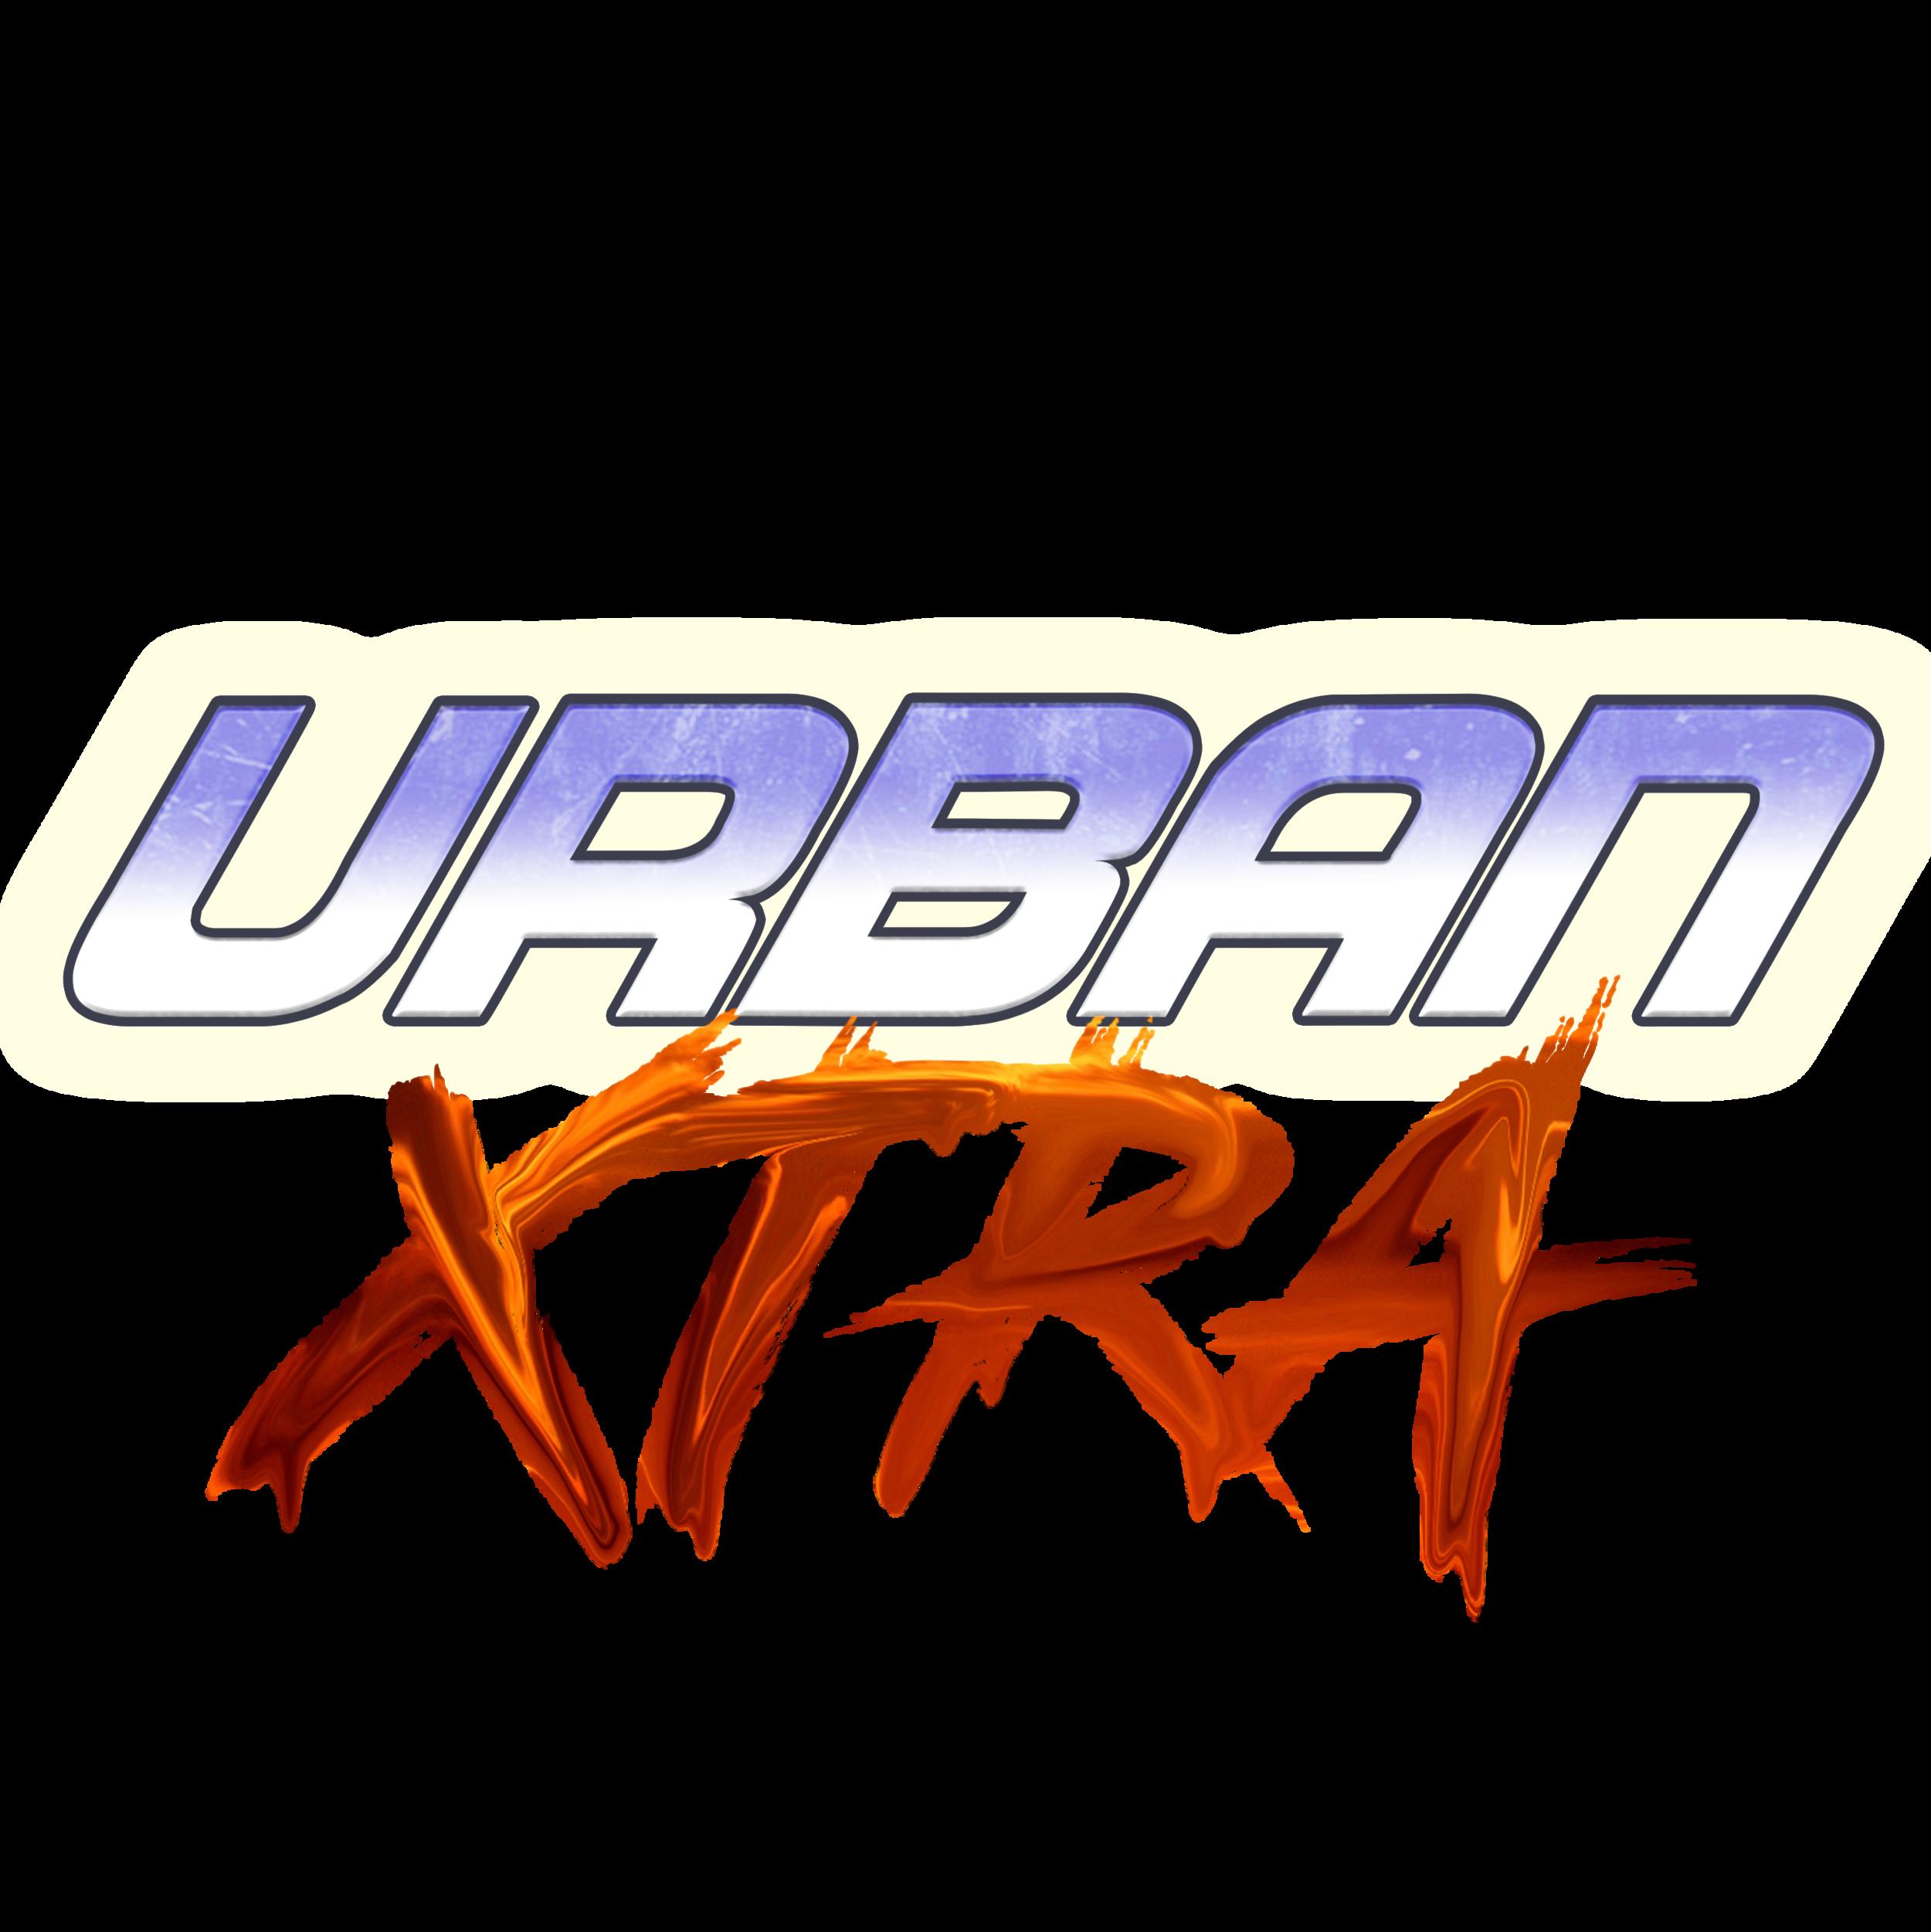 Urban Xtra Radio